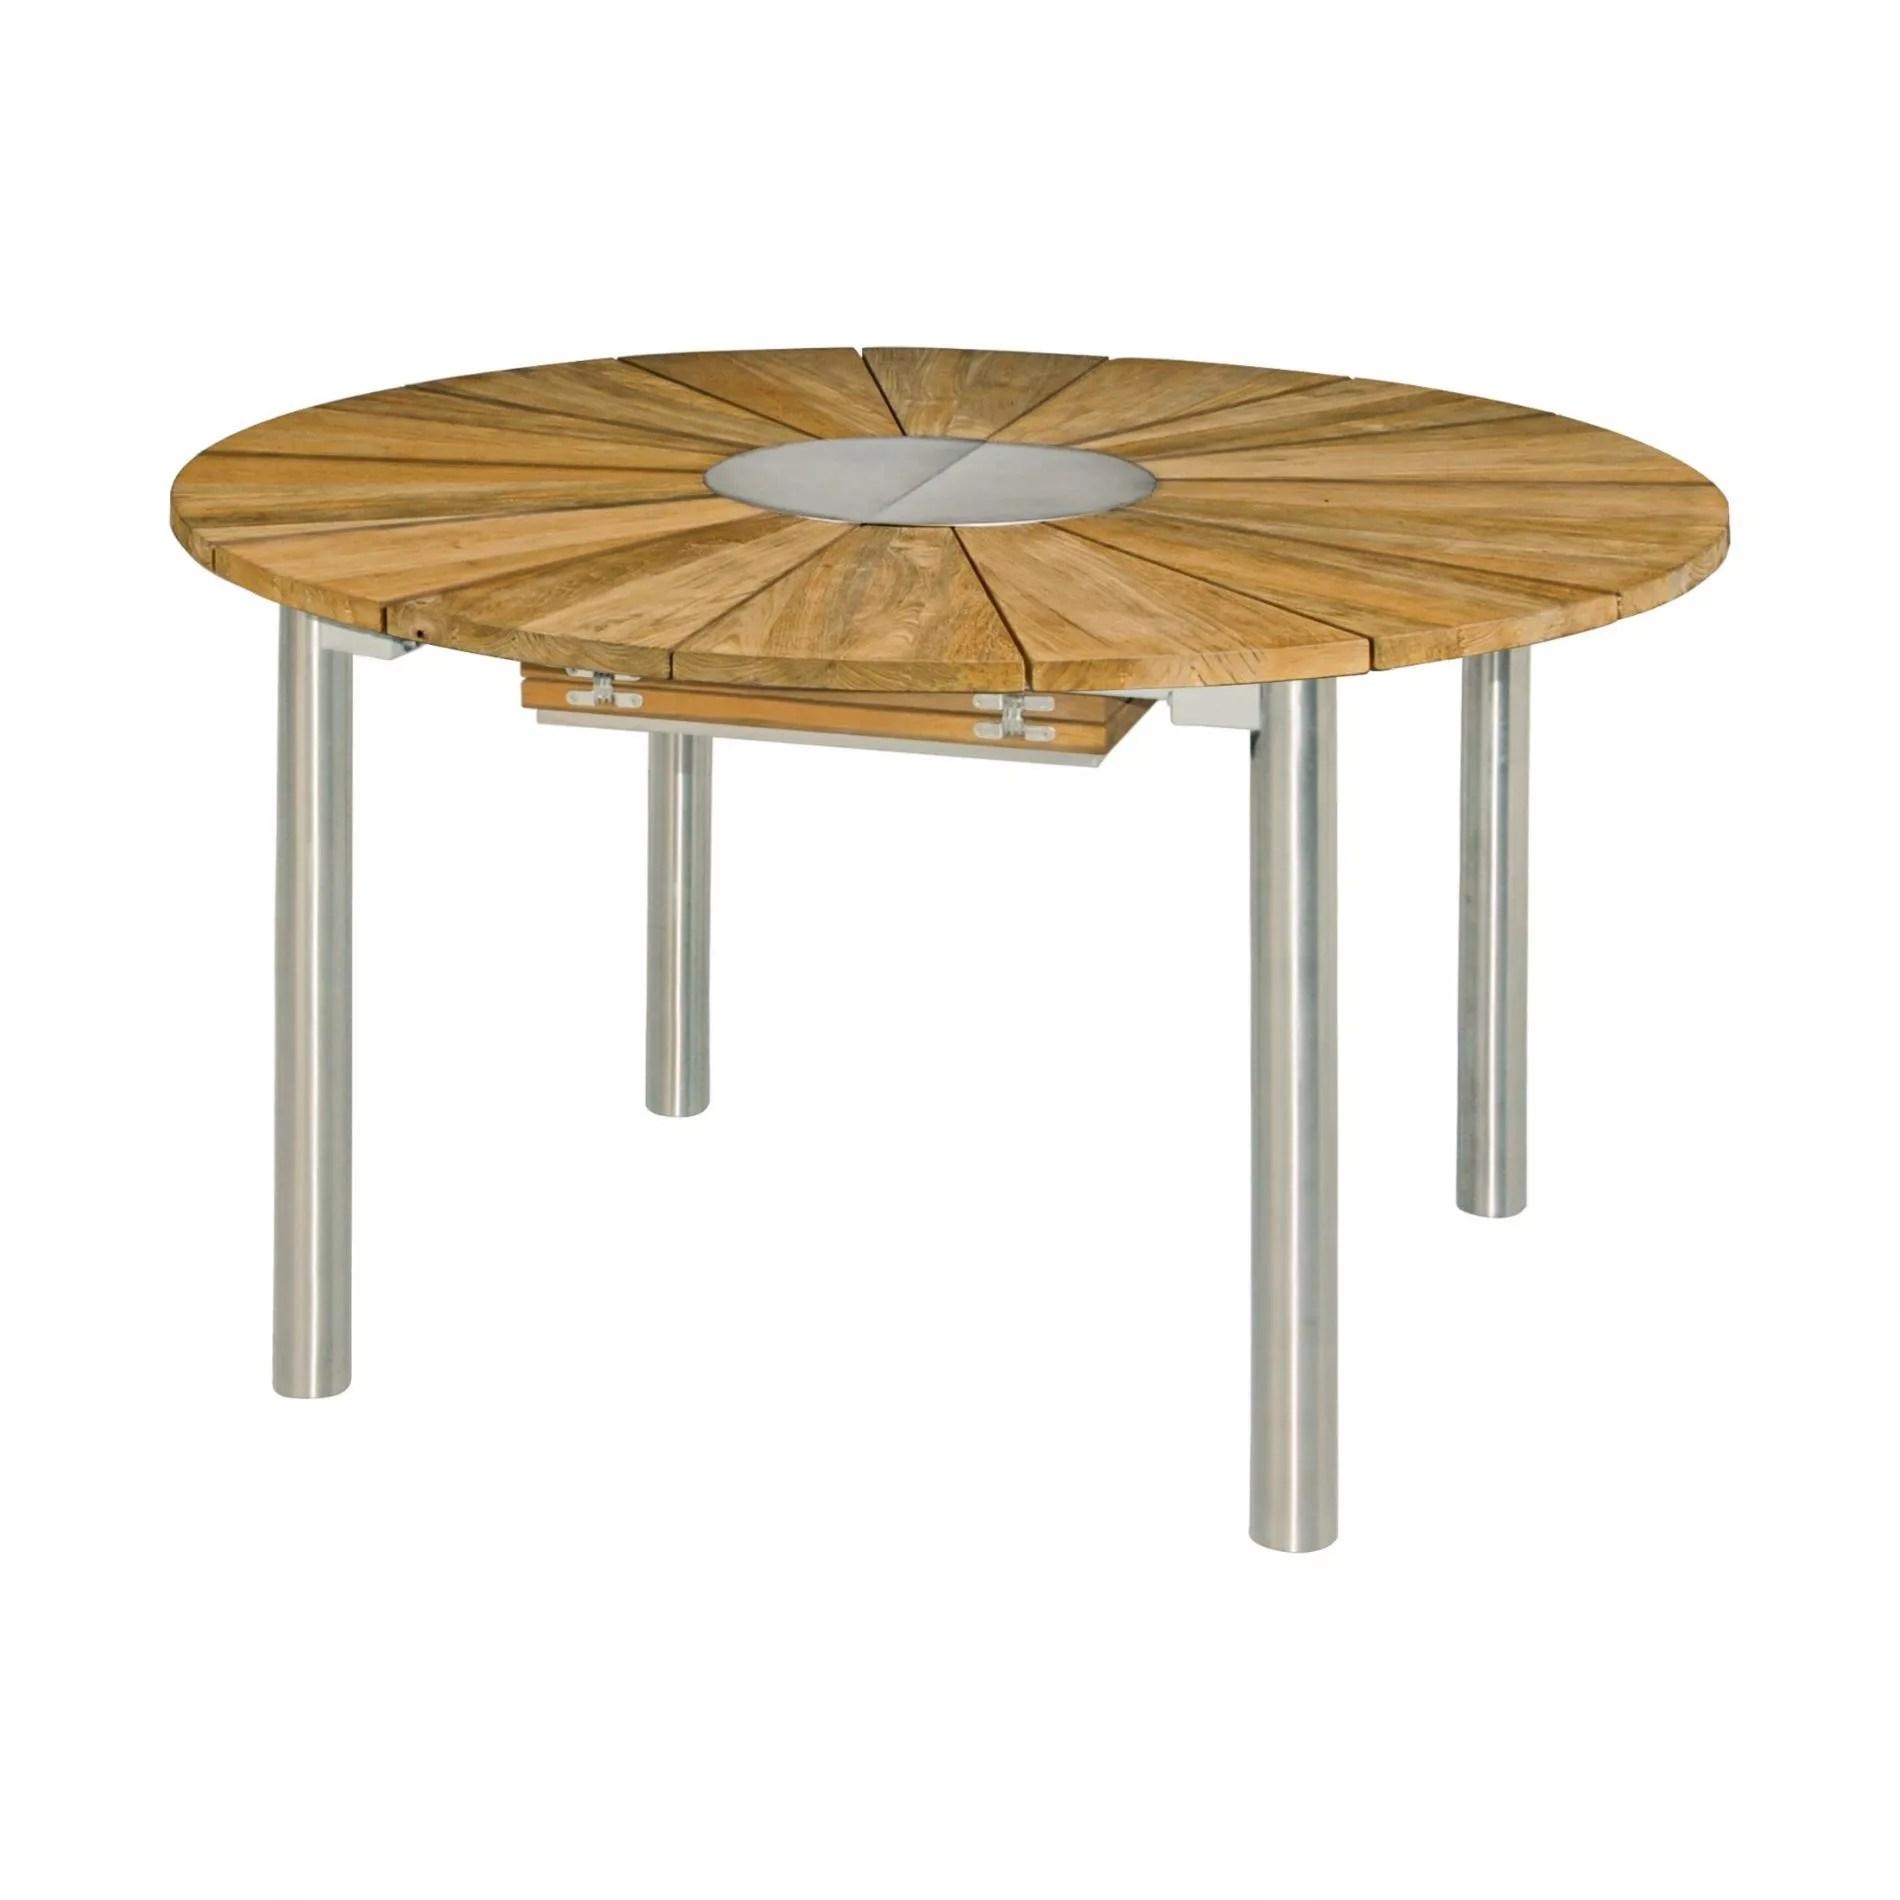 Gartentisch Edelstahl Teak Teak Gartentisch Eco Oval Massiv